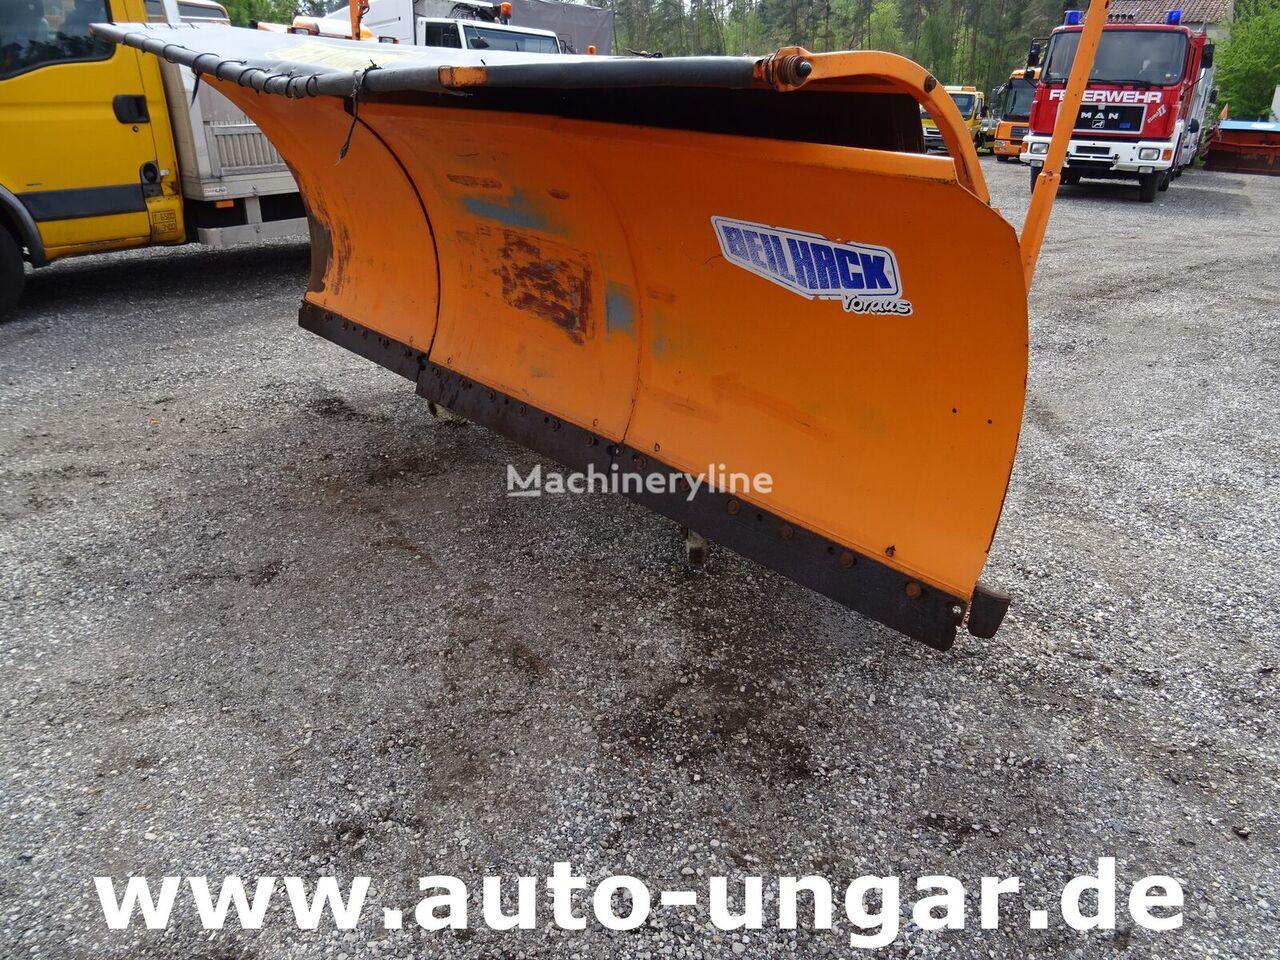 Beilhack PVF 30-3 Schneepflug Schneeschild 360cm snow plough